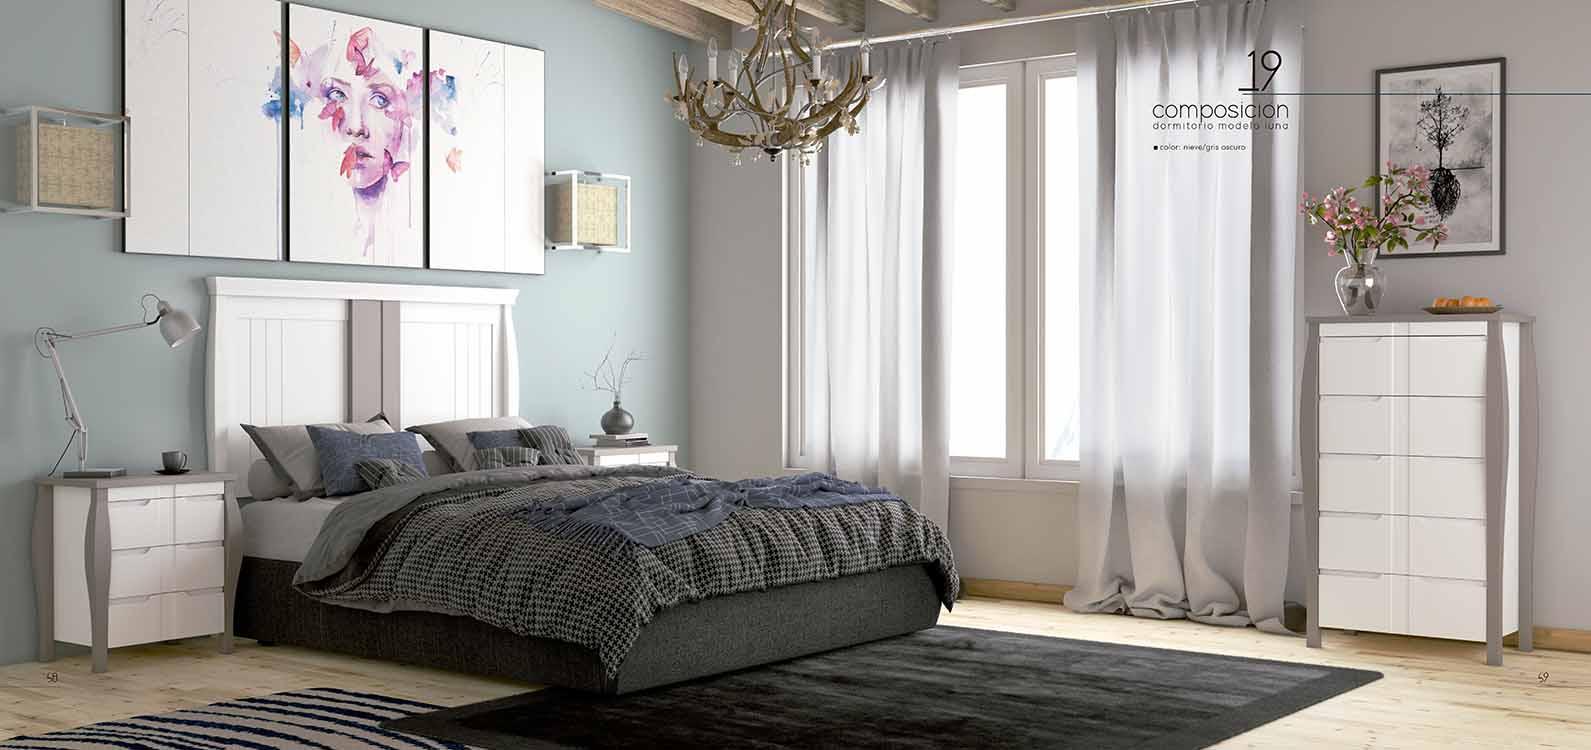 http://www.munozmuebles.net/nueva/catalogo/dormitorios-clasicos.html - Modelos  de muebles ahorradores de espacio